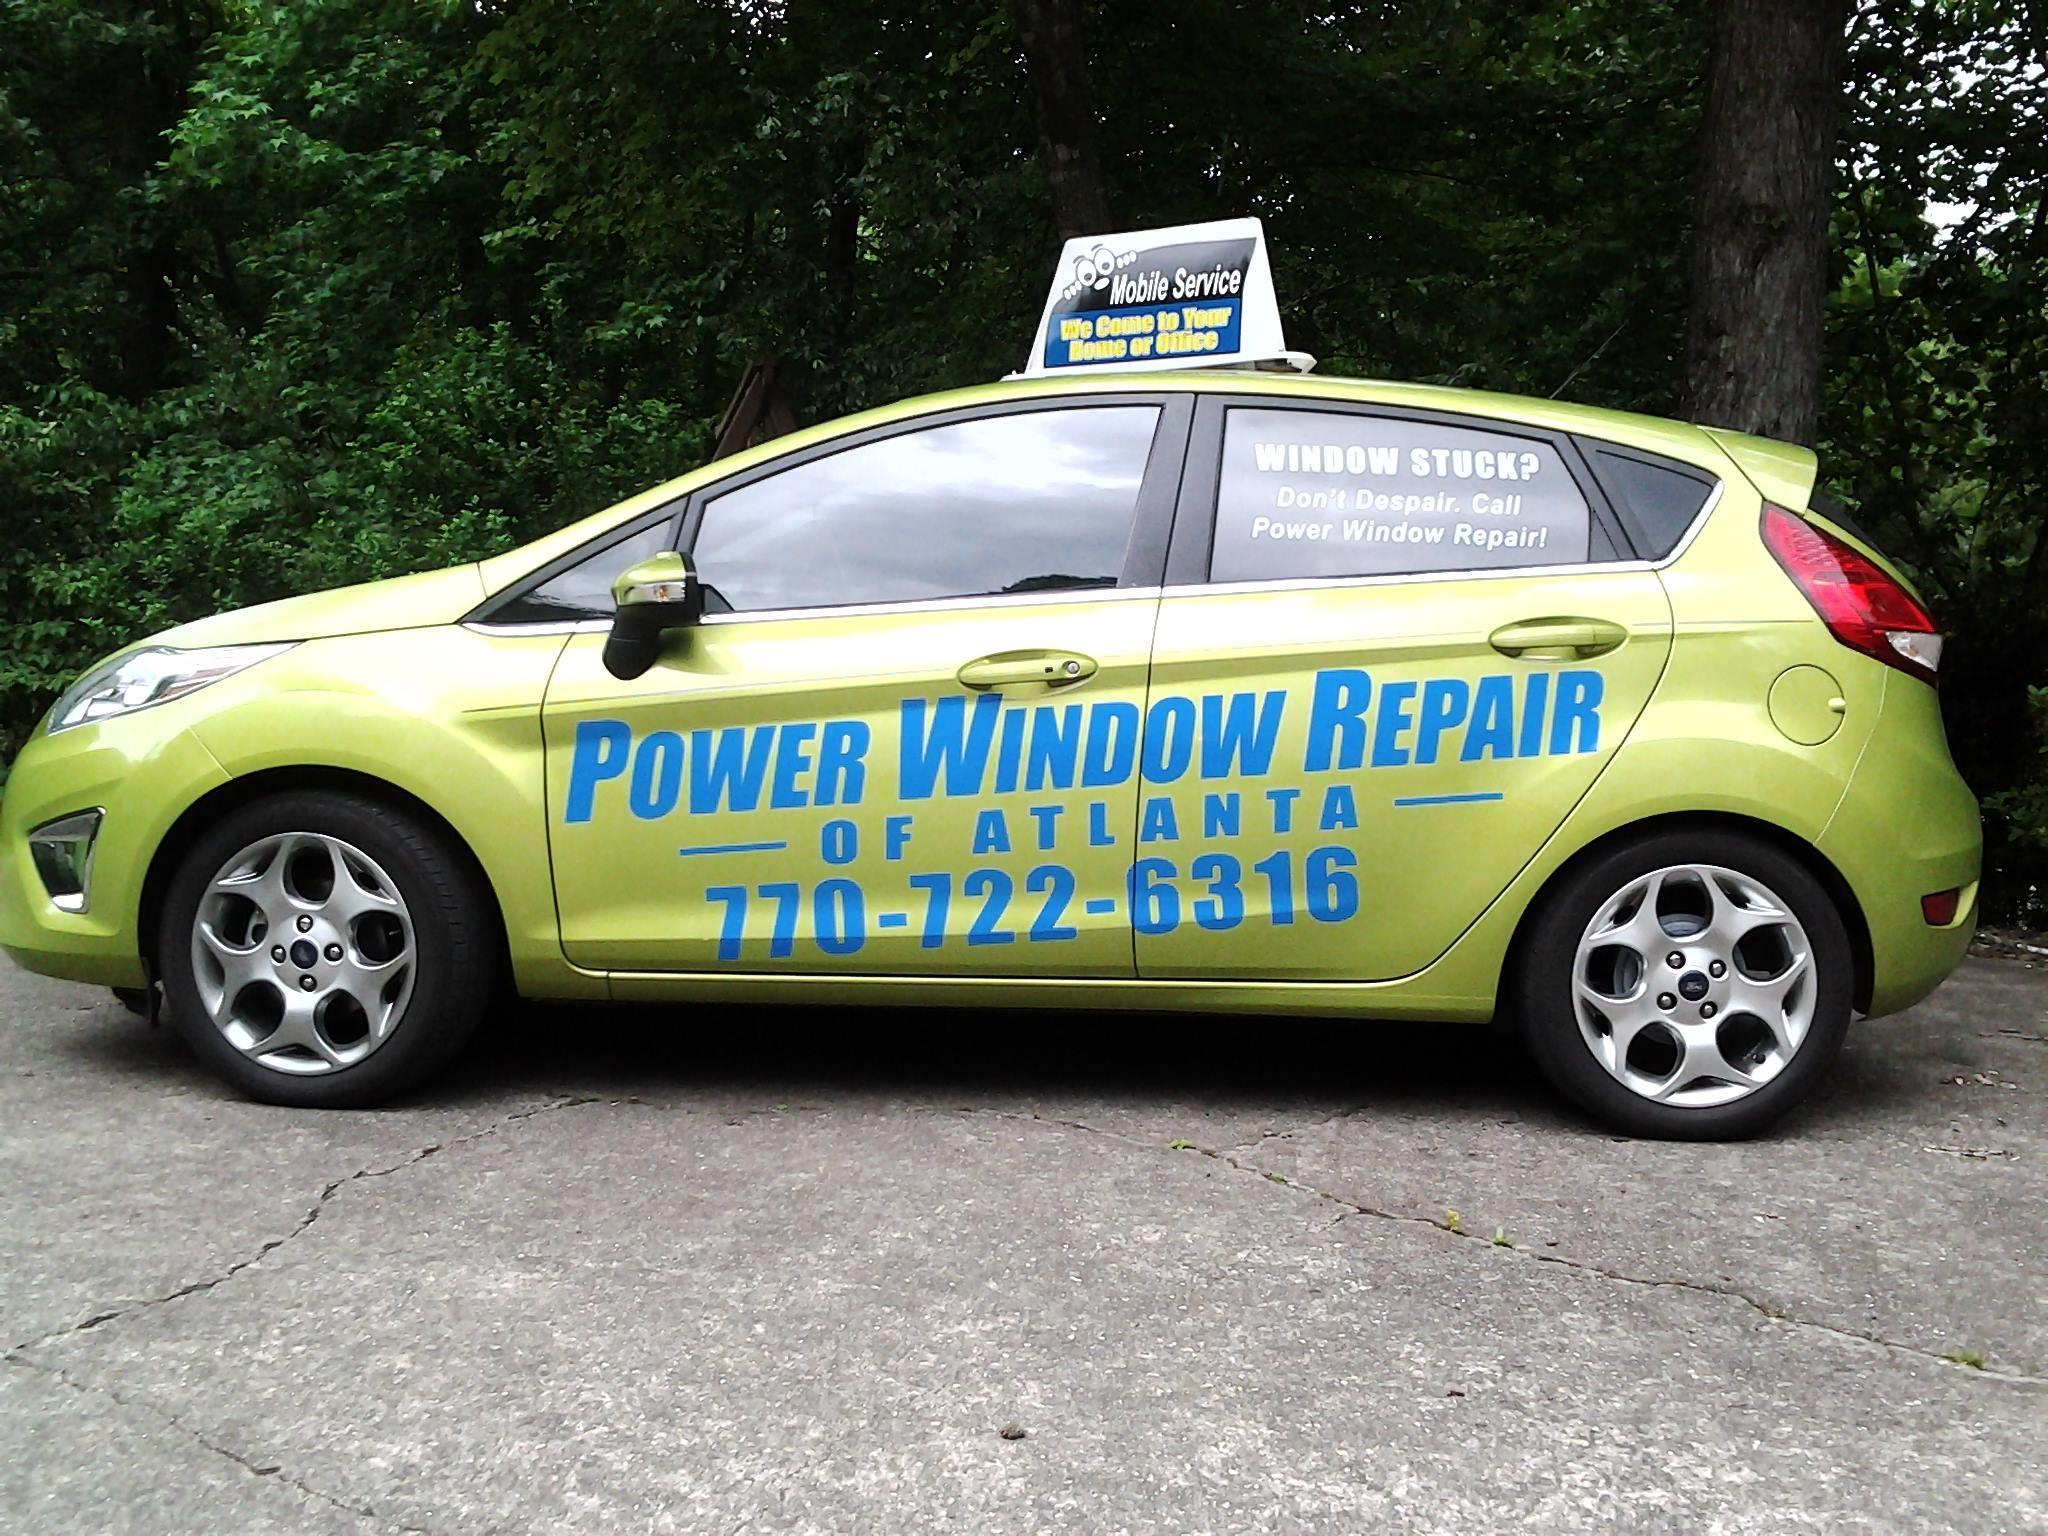 Power window repair of atlanta woodstock georgia ga for Gerber collision and glass